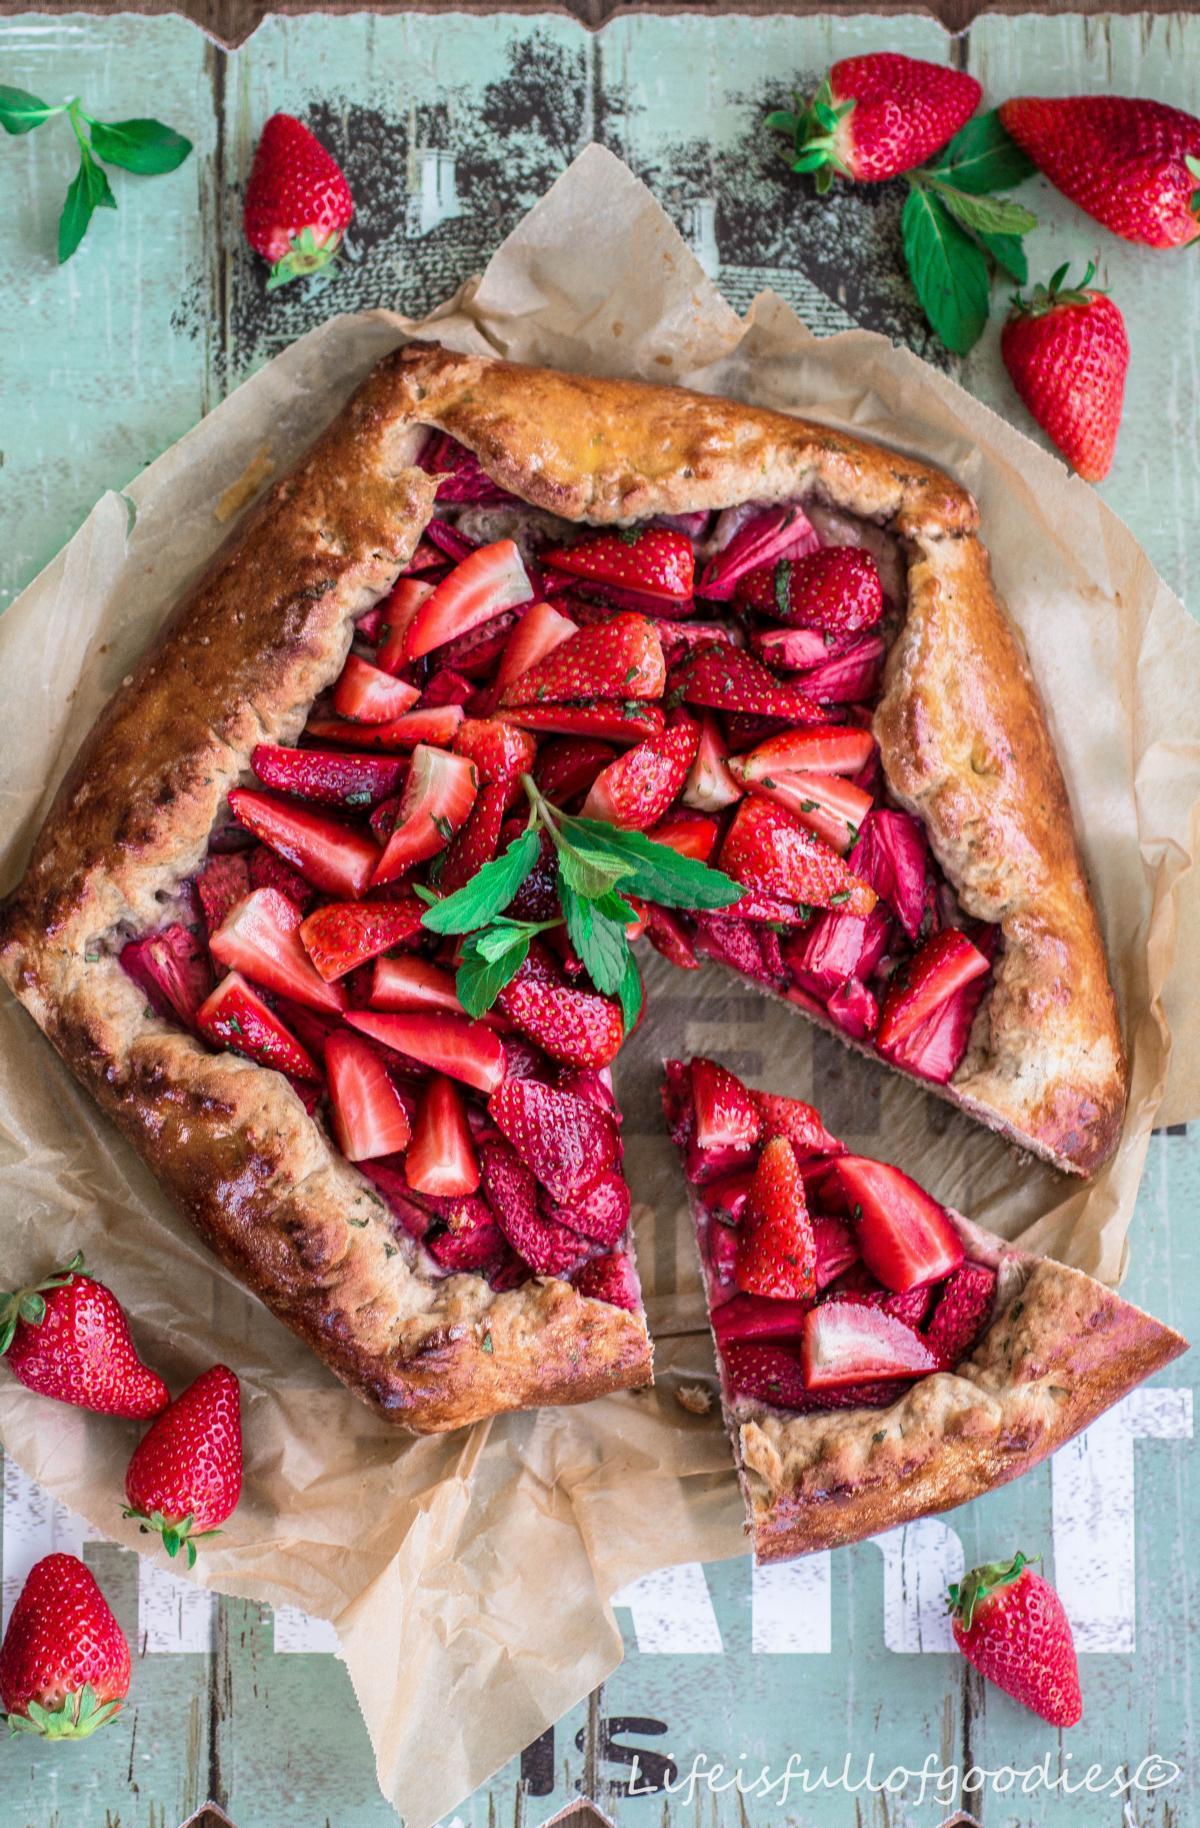 Erdbeer Galette aus Dinkel-Vollkorn-Teig